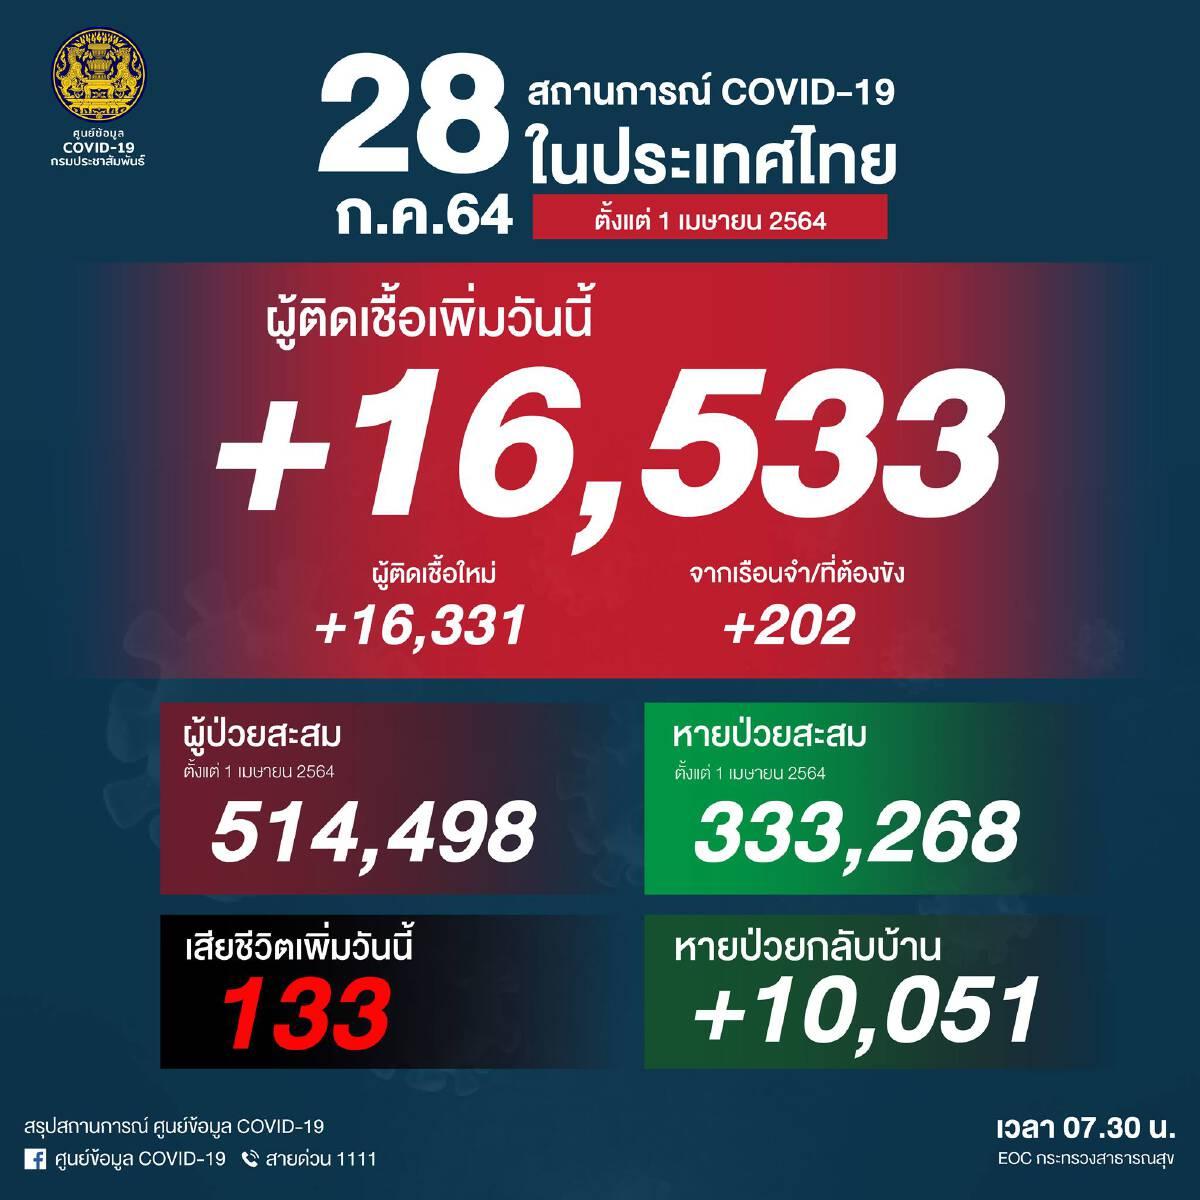 ยอดโควิดวันนี้ พุ่งไม่หยุด ติดเชื้อเพิ่ม 16,533 ราย เสียชีวิต 133 คน